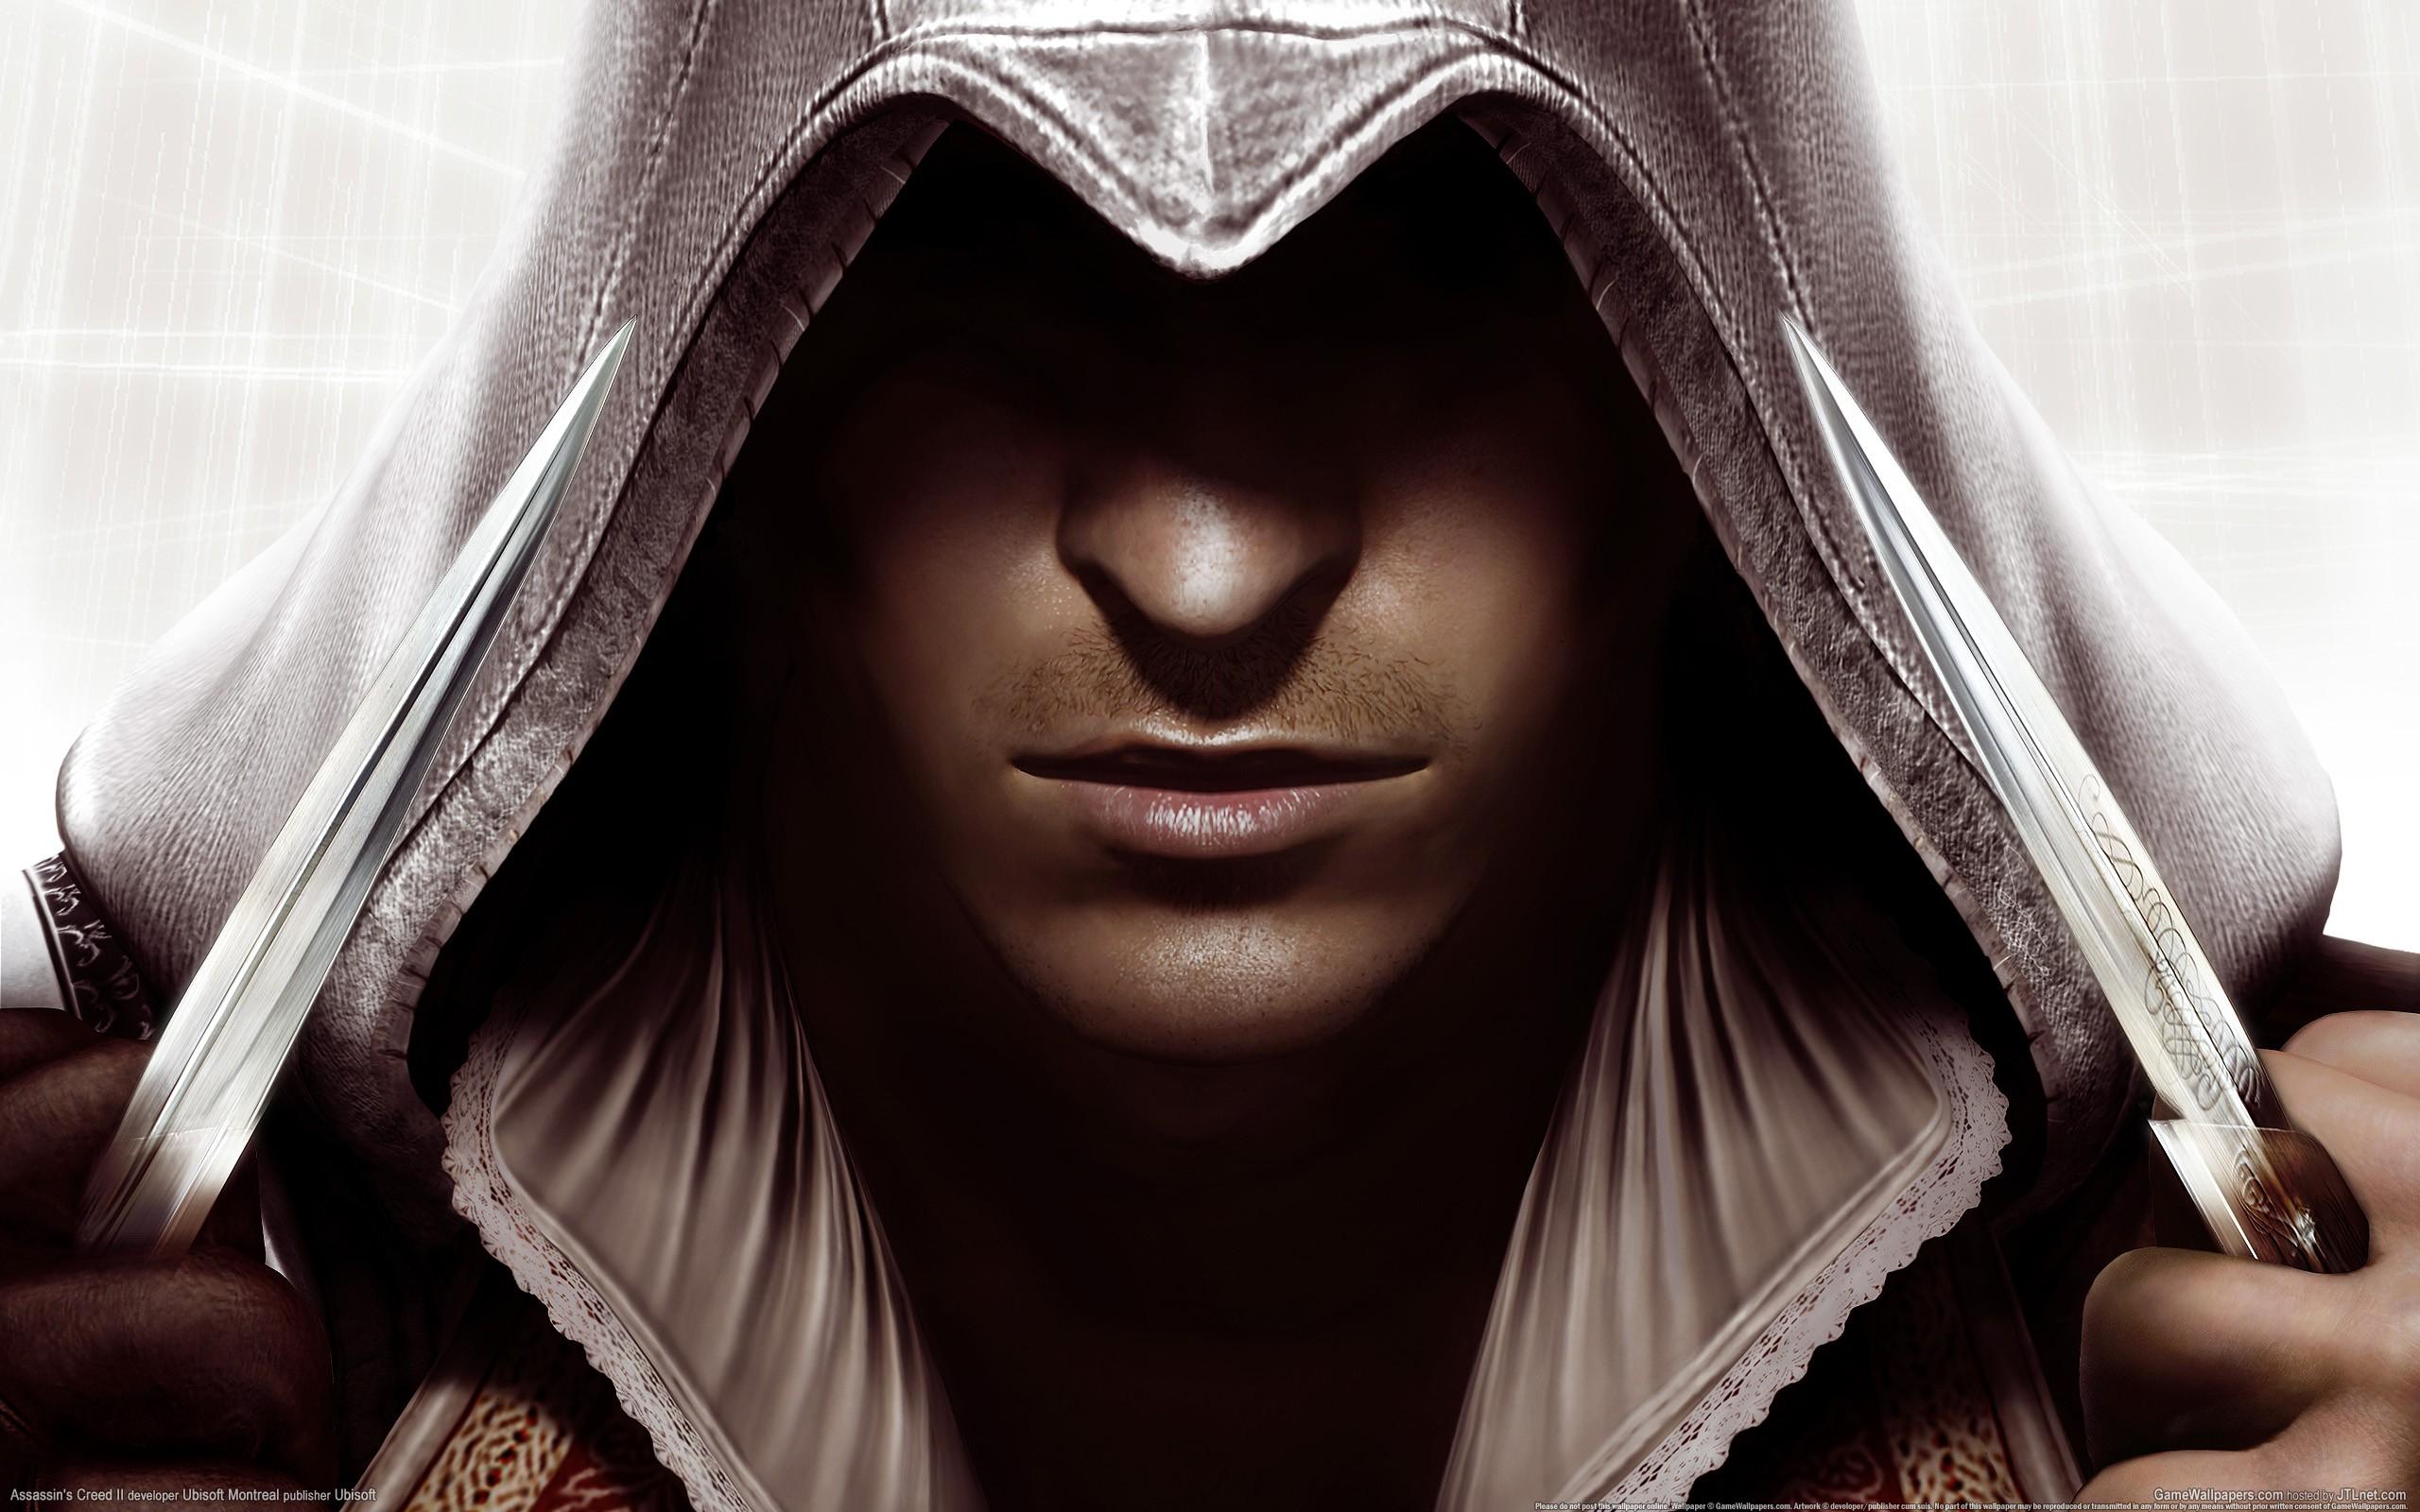 vpda assassins creed - HD1920×1080